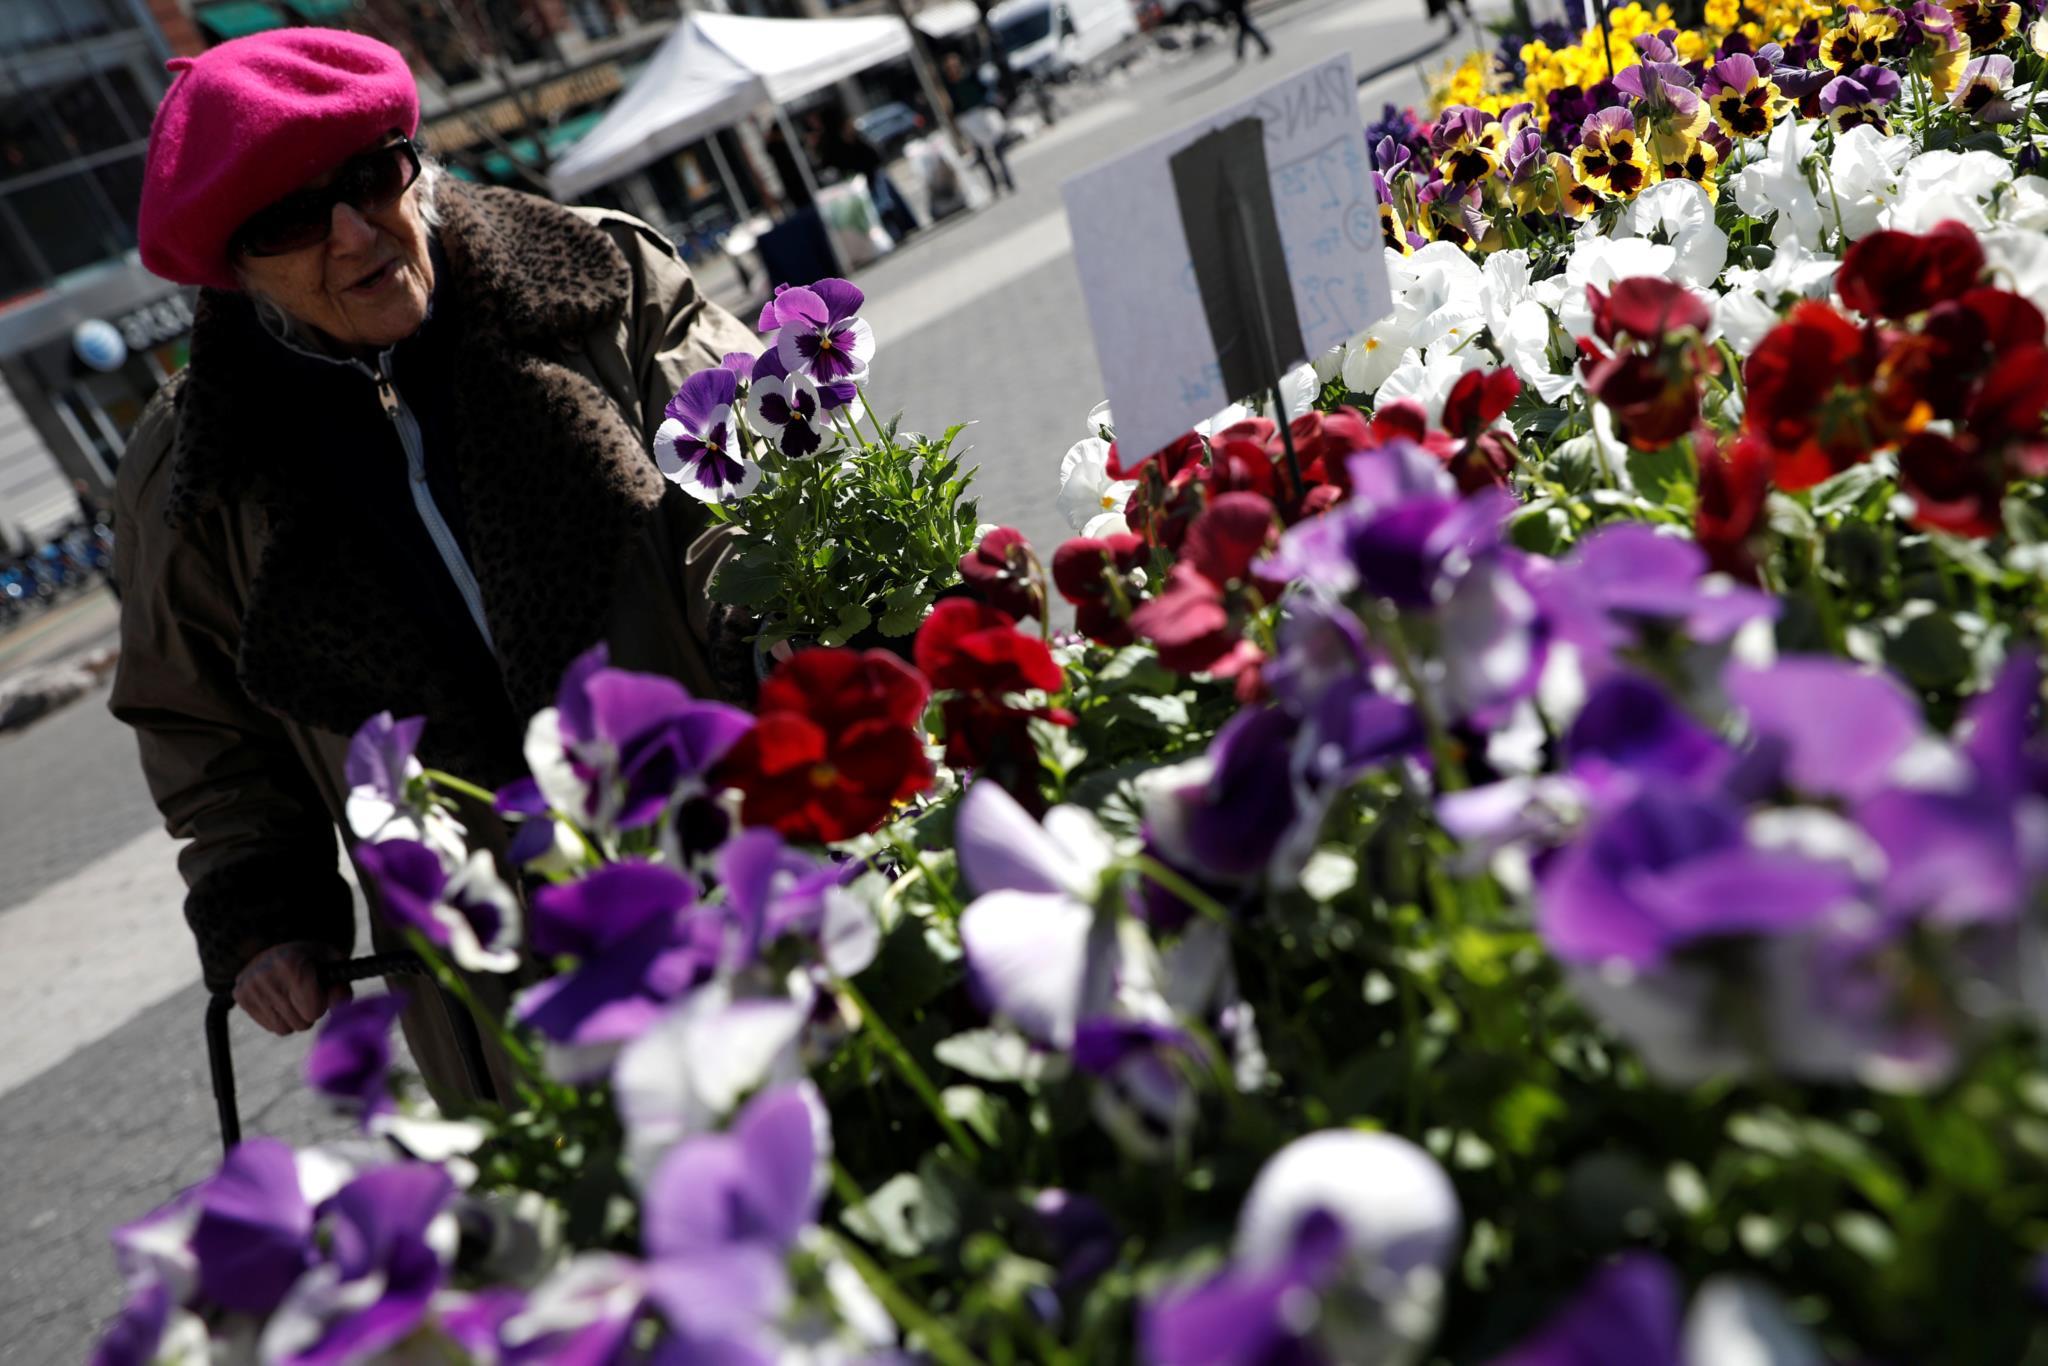 Uma mulher compra flores em Nova Iorque no primeiro dia da Primavera